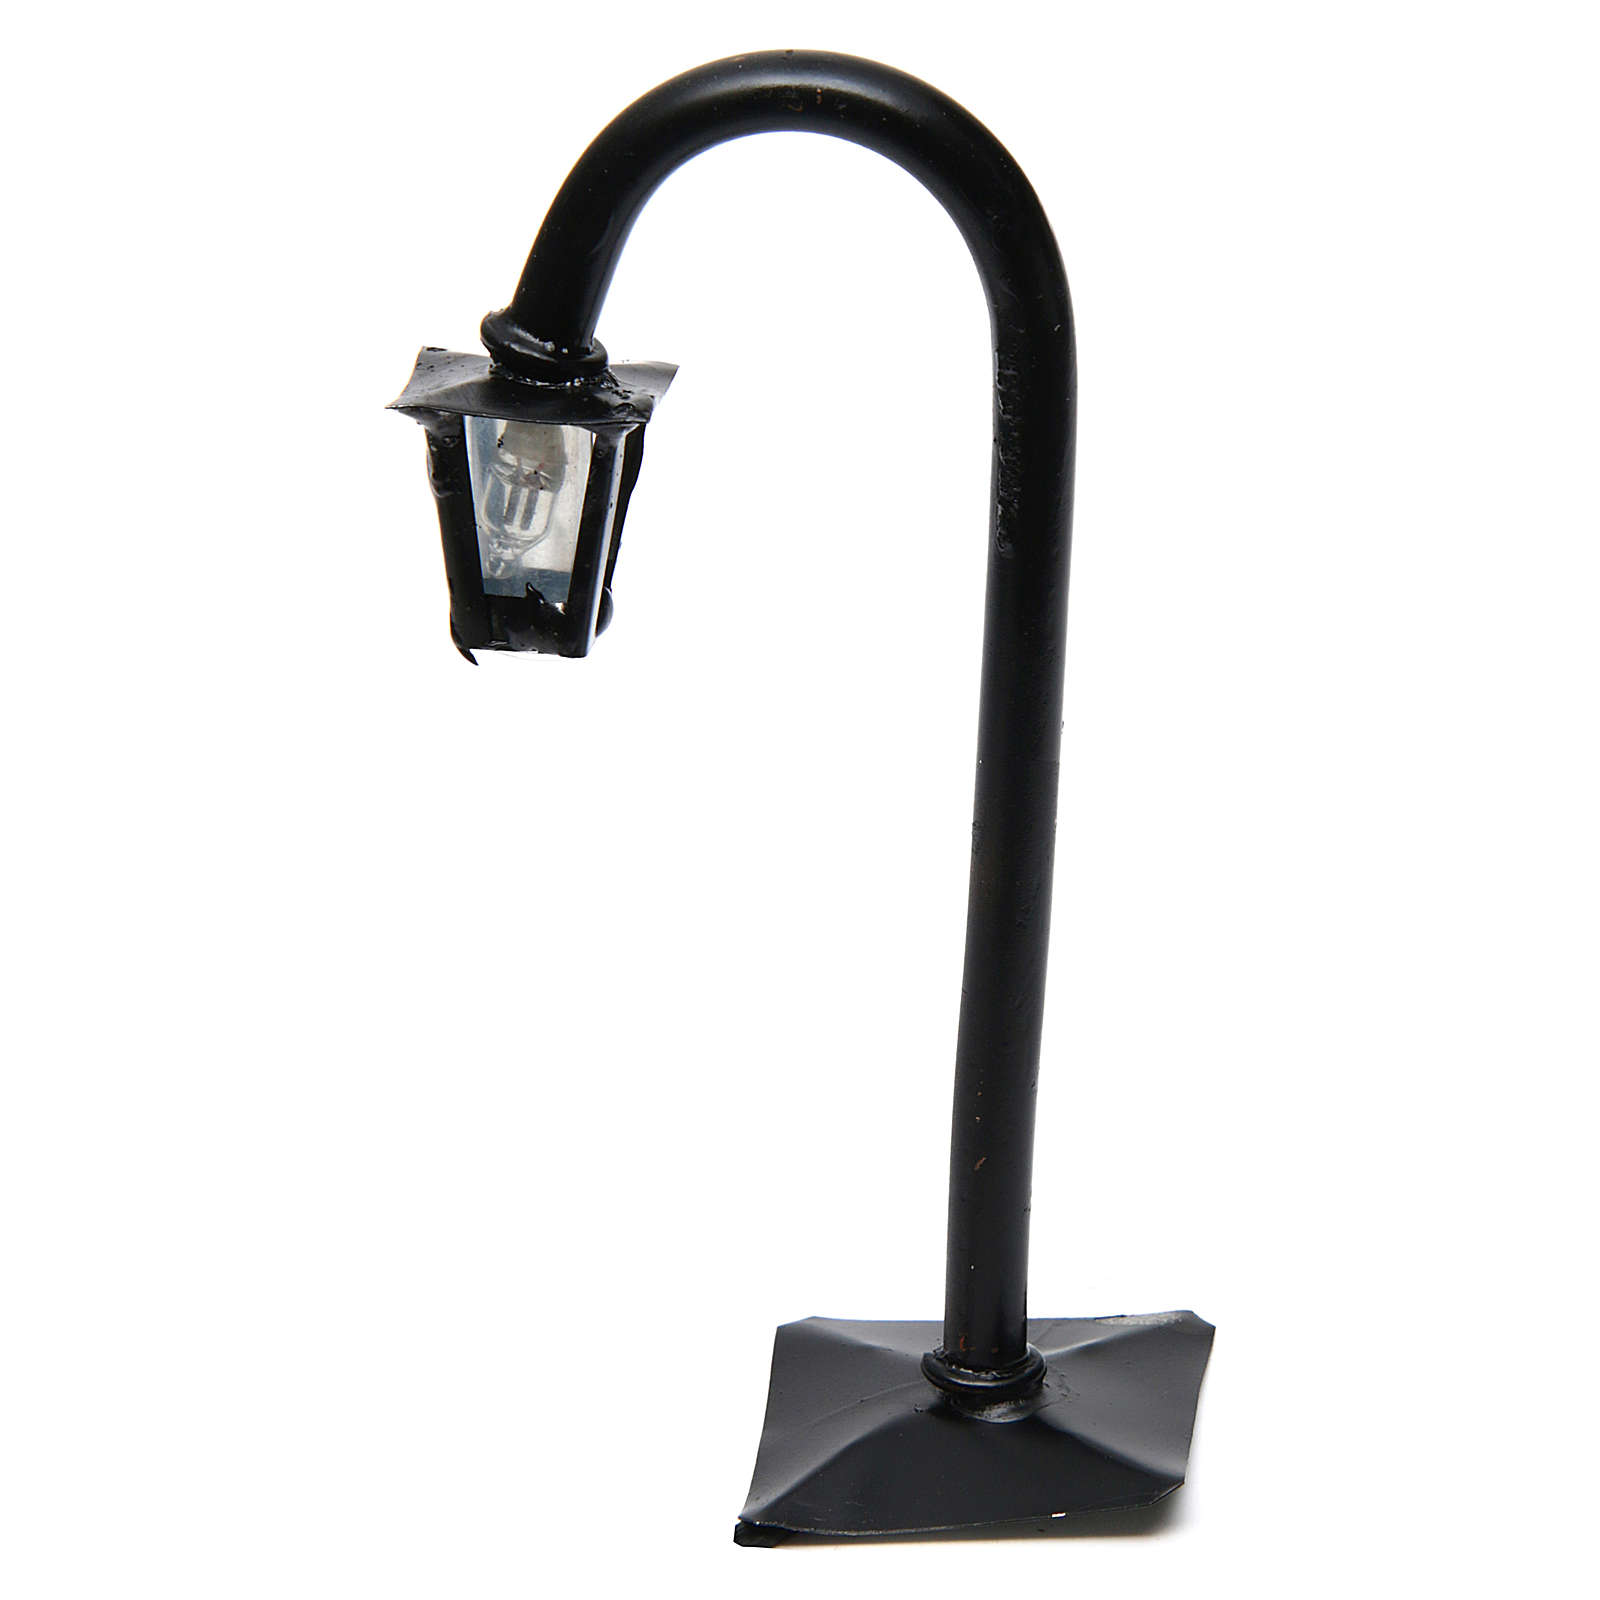 Iluminação pública curva com lamparina bricolagem presépio altura real 11 cm - 12V 4